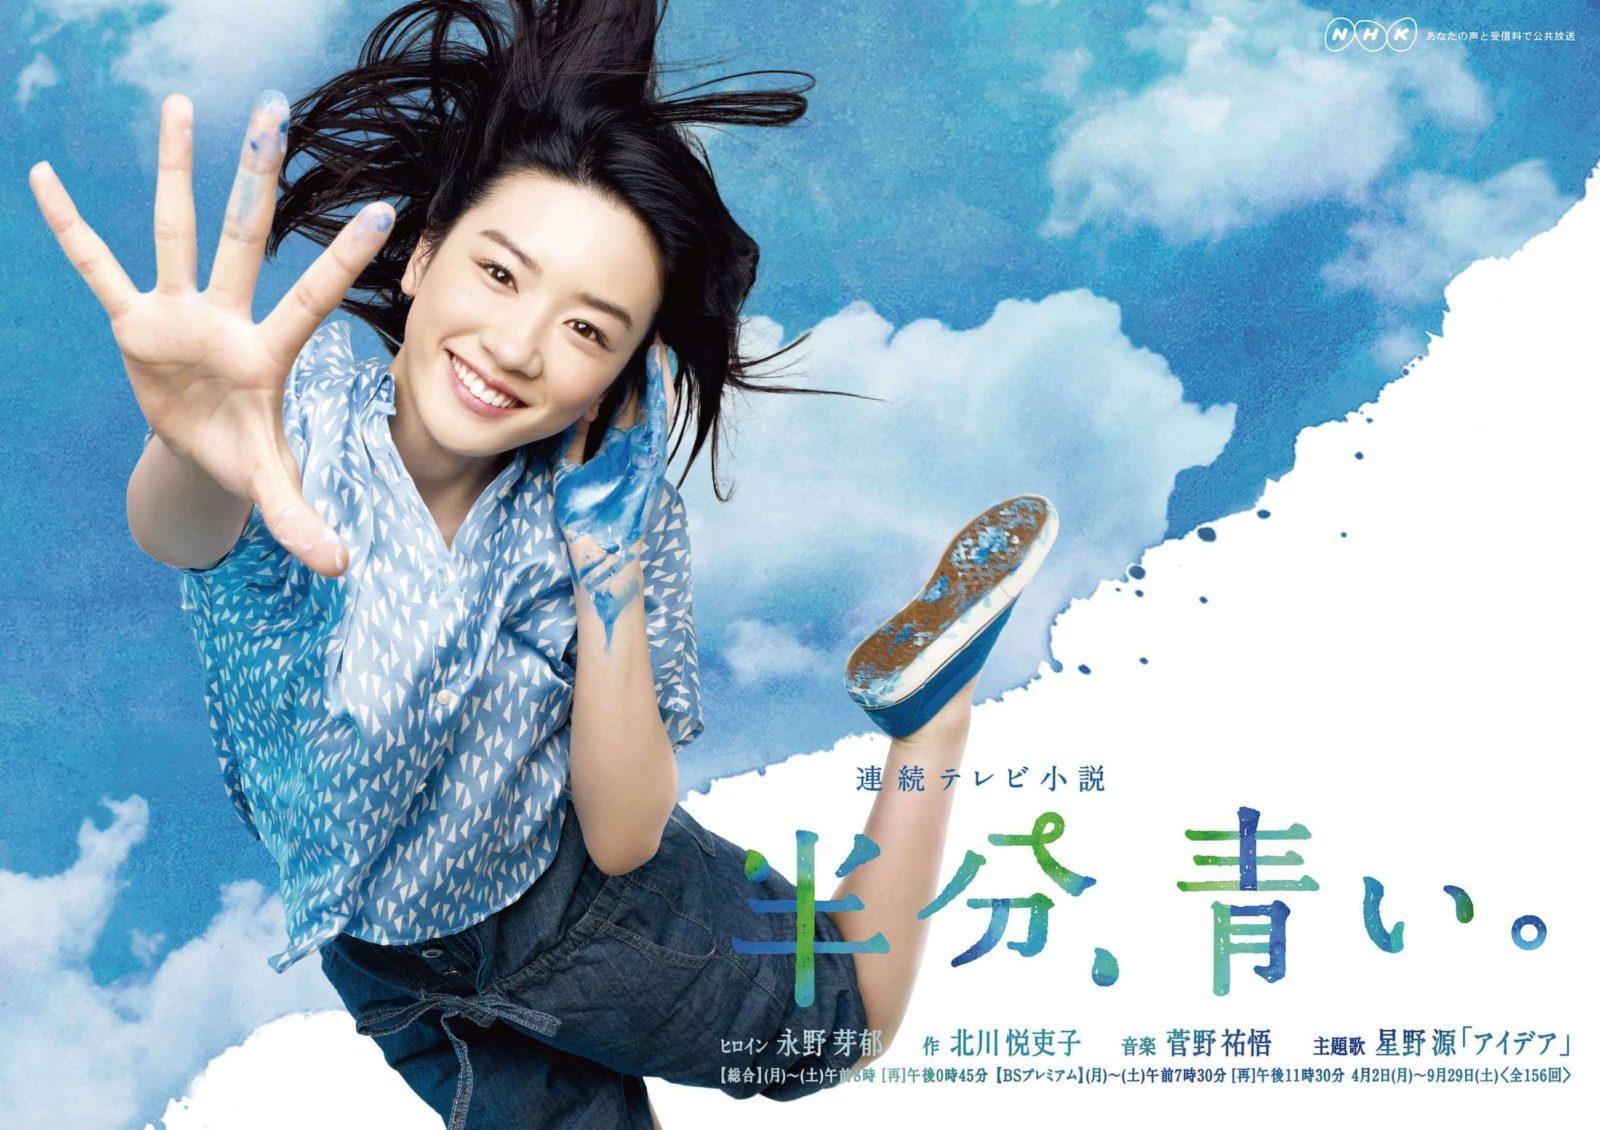 仙吉の最期・鈴愛と律の妻…『半分、青い。』第20週にネット反響サムネイル画像